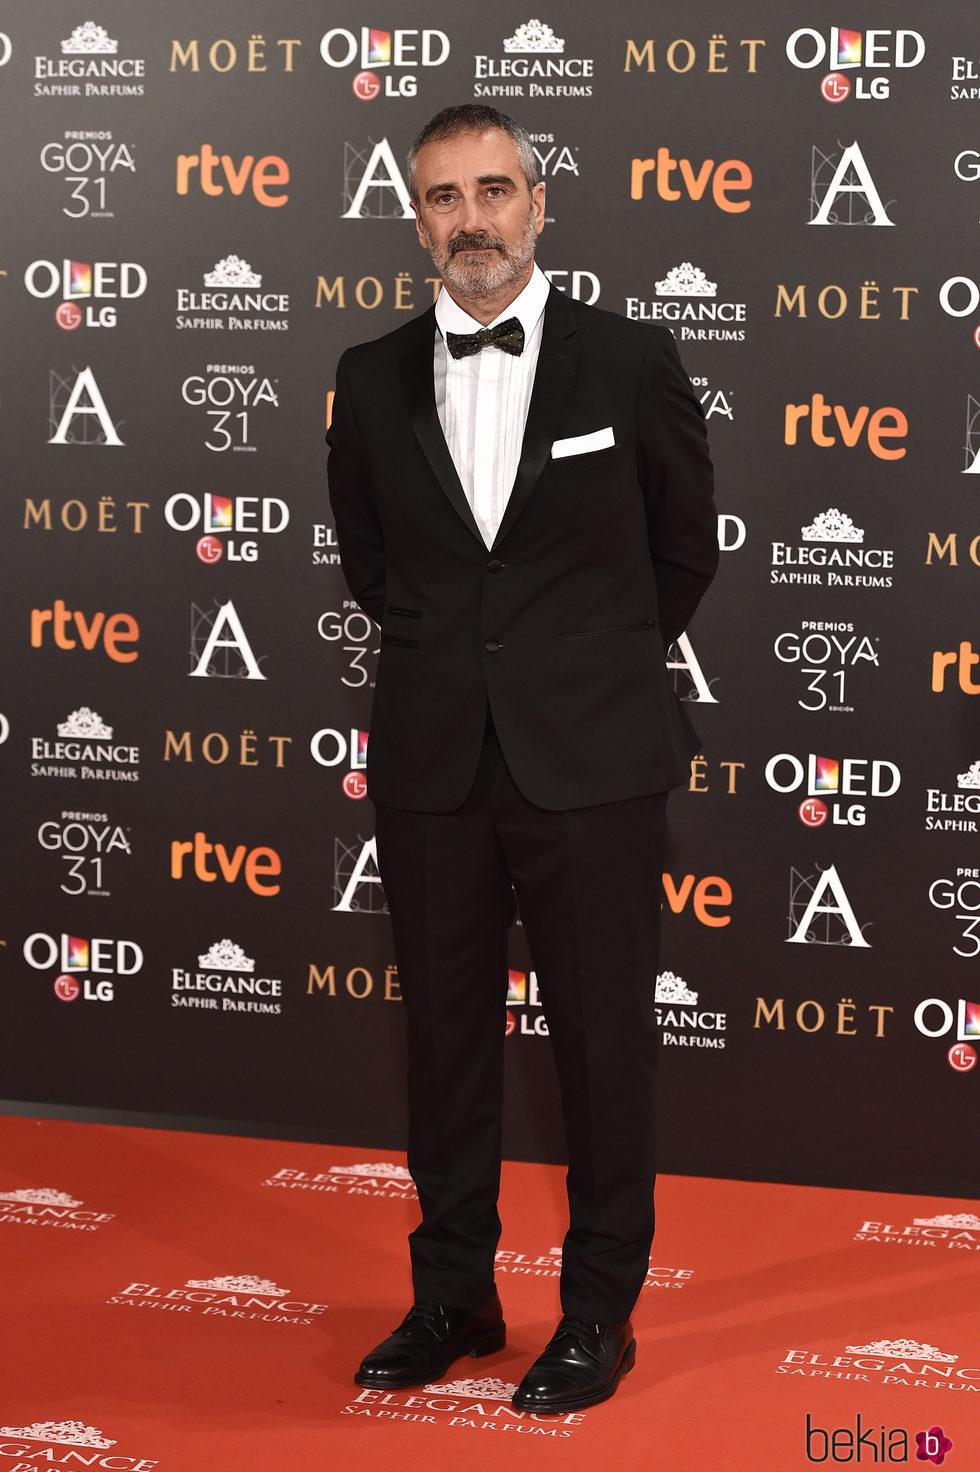 Javier Fesser en la alfombra roja de los Premios Goya 2017